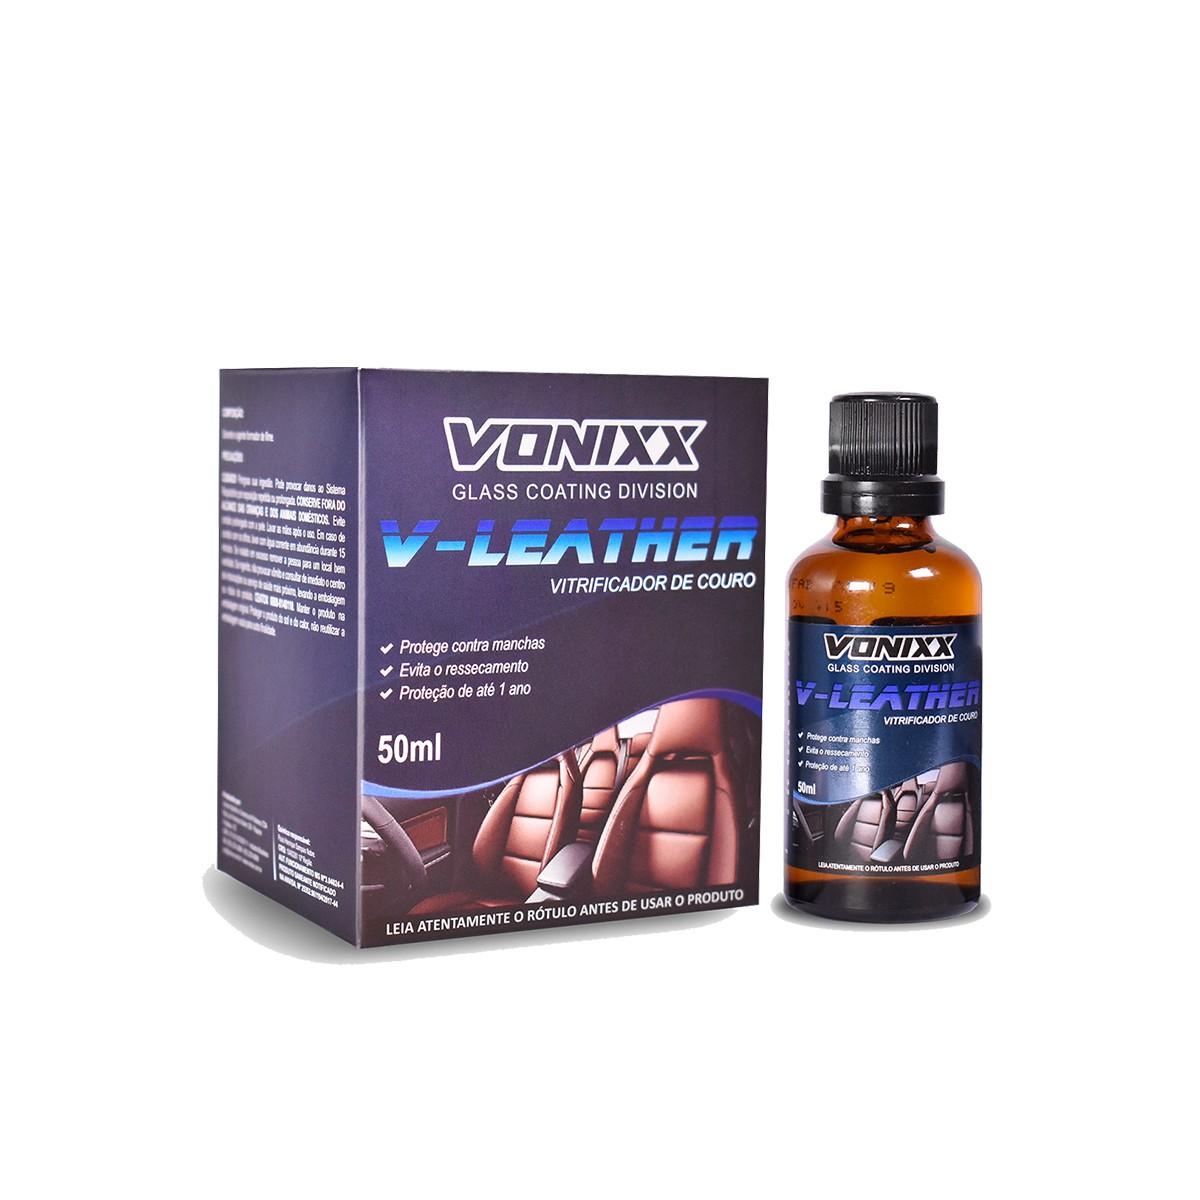 V-Leather 50ml - Vonixx